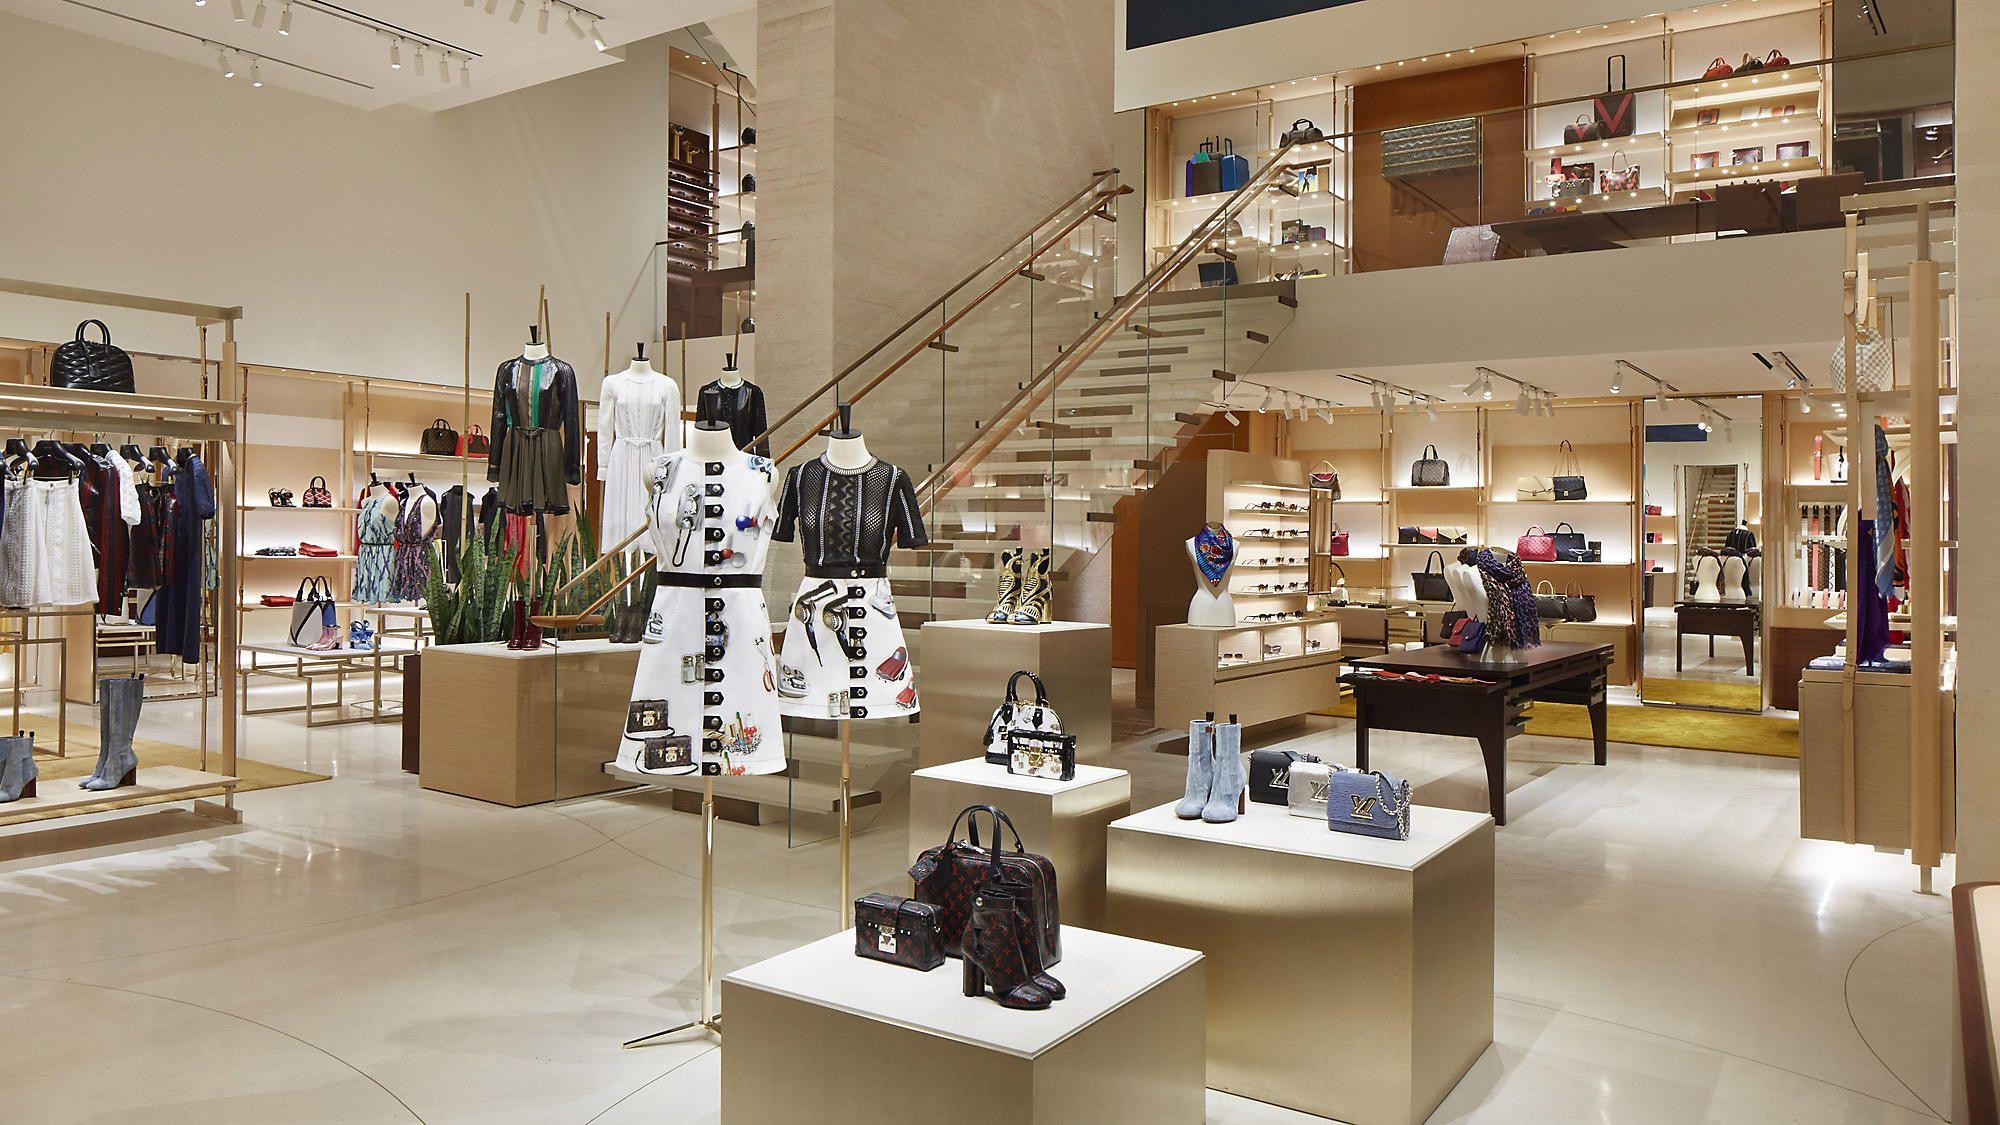 e836675fc931 Копии брендов класса LUX на BRANDS.BIZ.UA. Брендовая одежда, обувь,аксессуары.  Качественные реплики модных всемирноизвестных марок